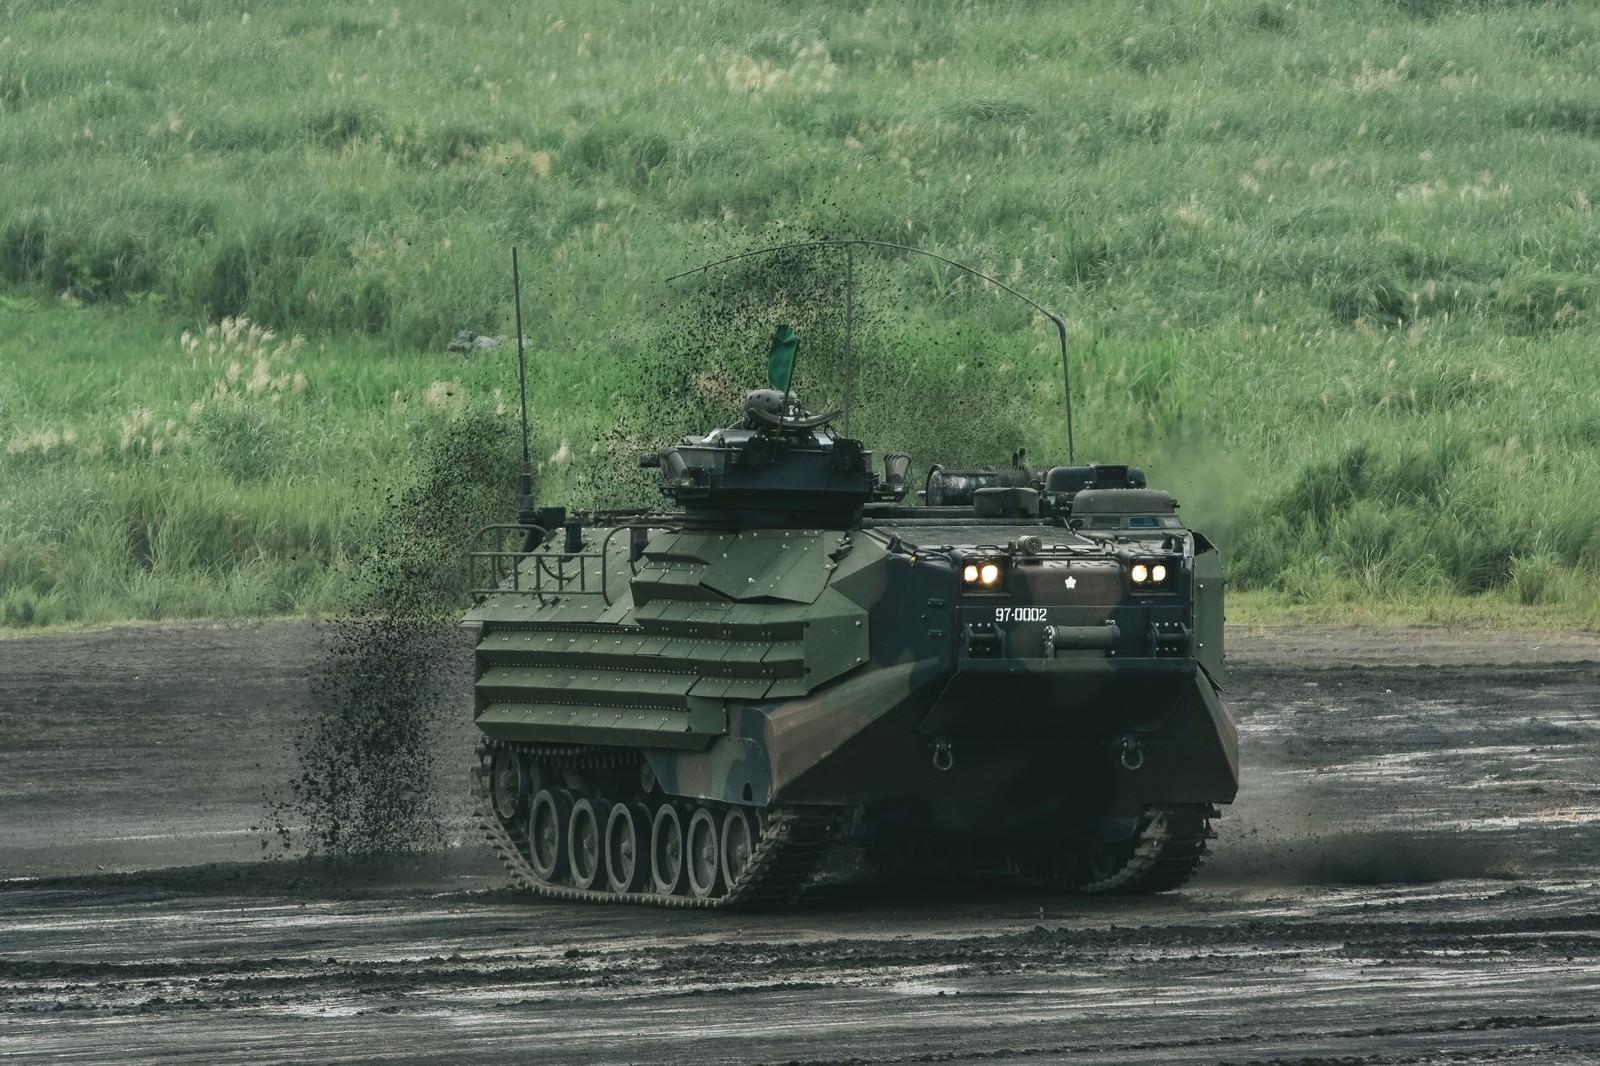 「泥を巻き上げ進む 新装備の水陸両用車(AAV)泥を巻き上げ進む 新装備の水陸両用車(AAV)」のフリー写真素材を拡大